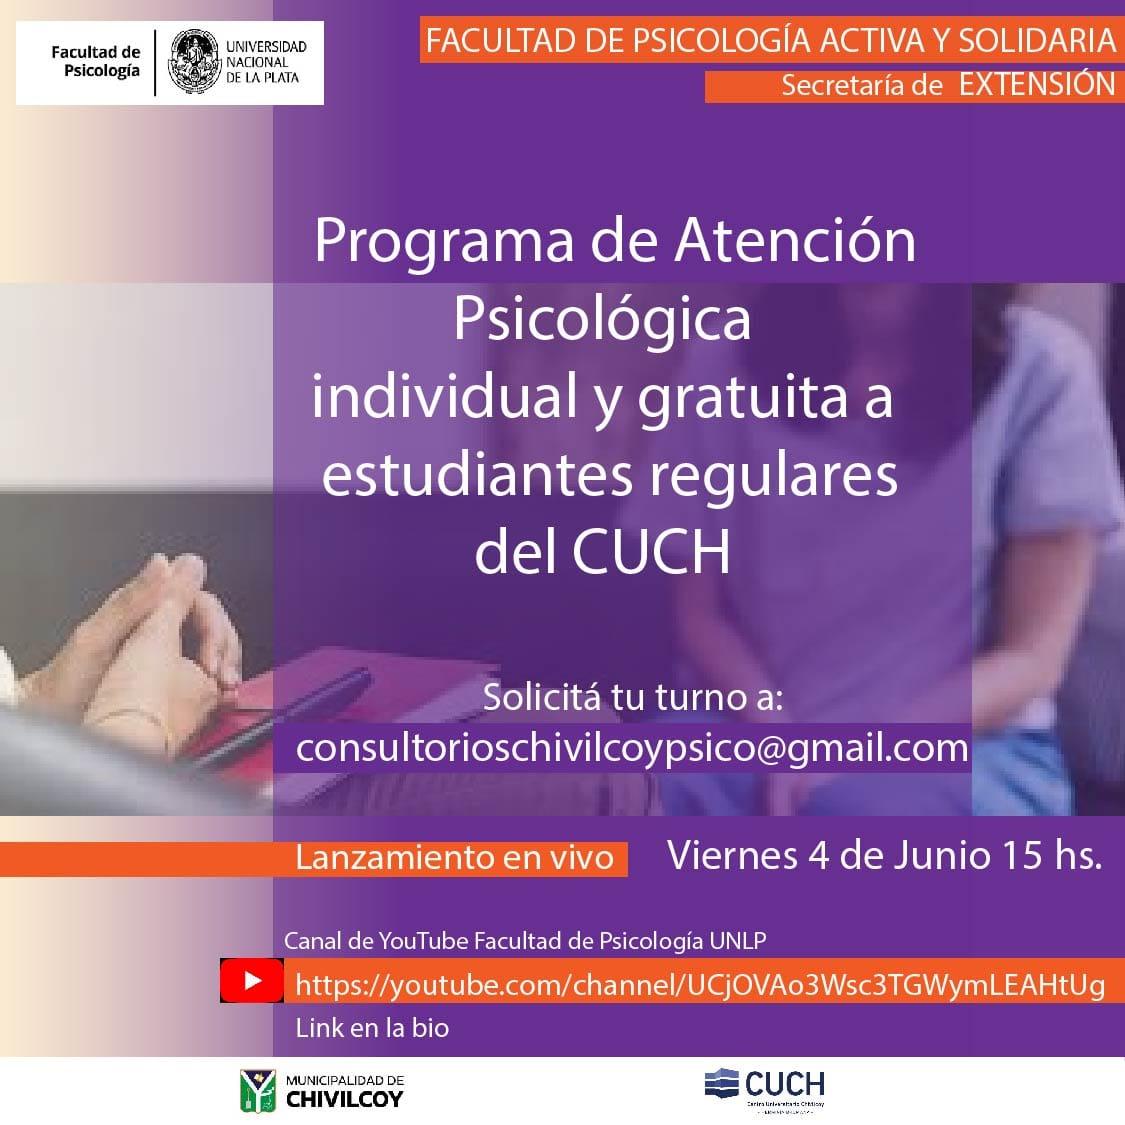 """[Hoy a las 15hs] Lanzamiento: """"Consultorios de atención psicológica para alumnos regulares del CUCH"""""""